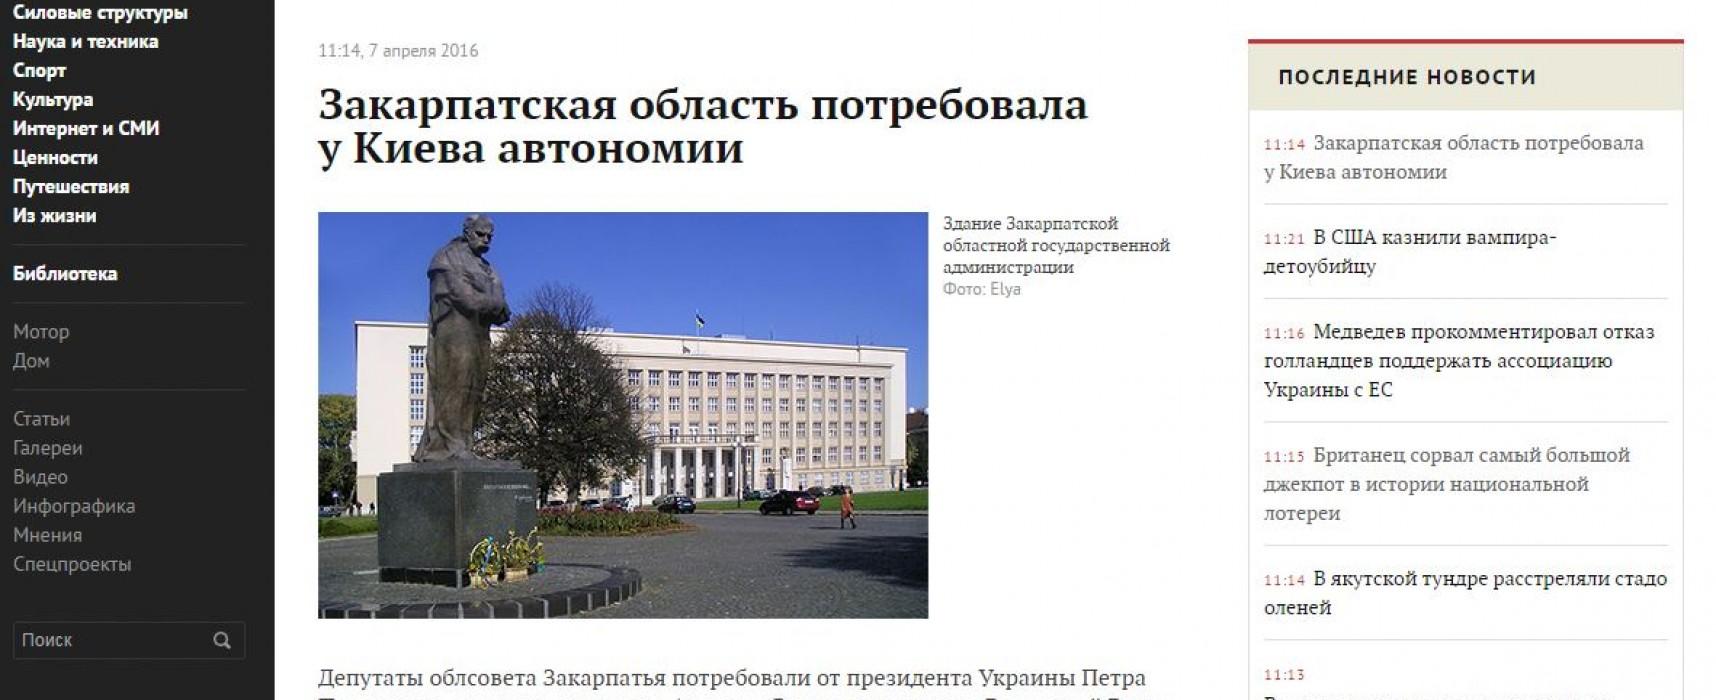 Фейк: Закарпатская область потребовала у Киева автономии